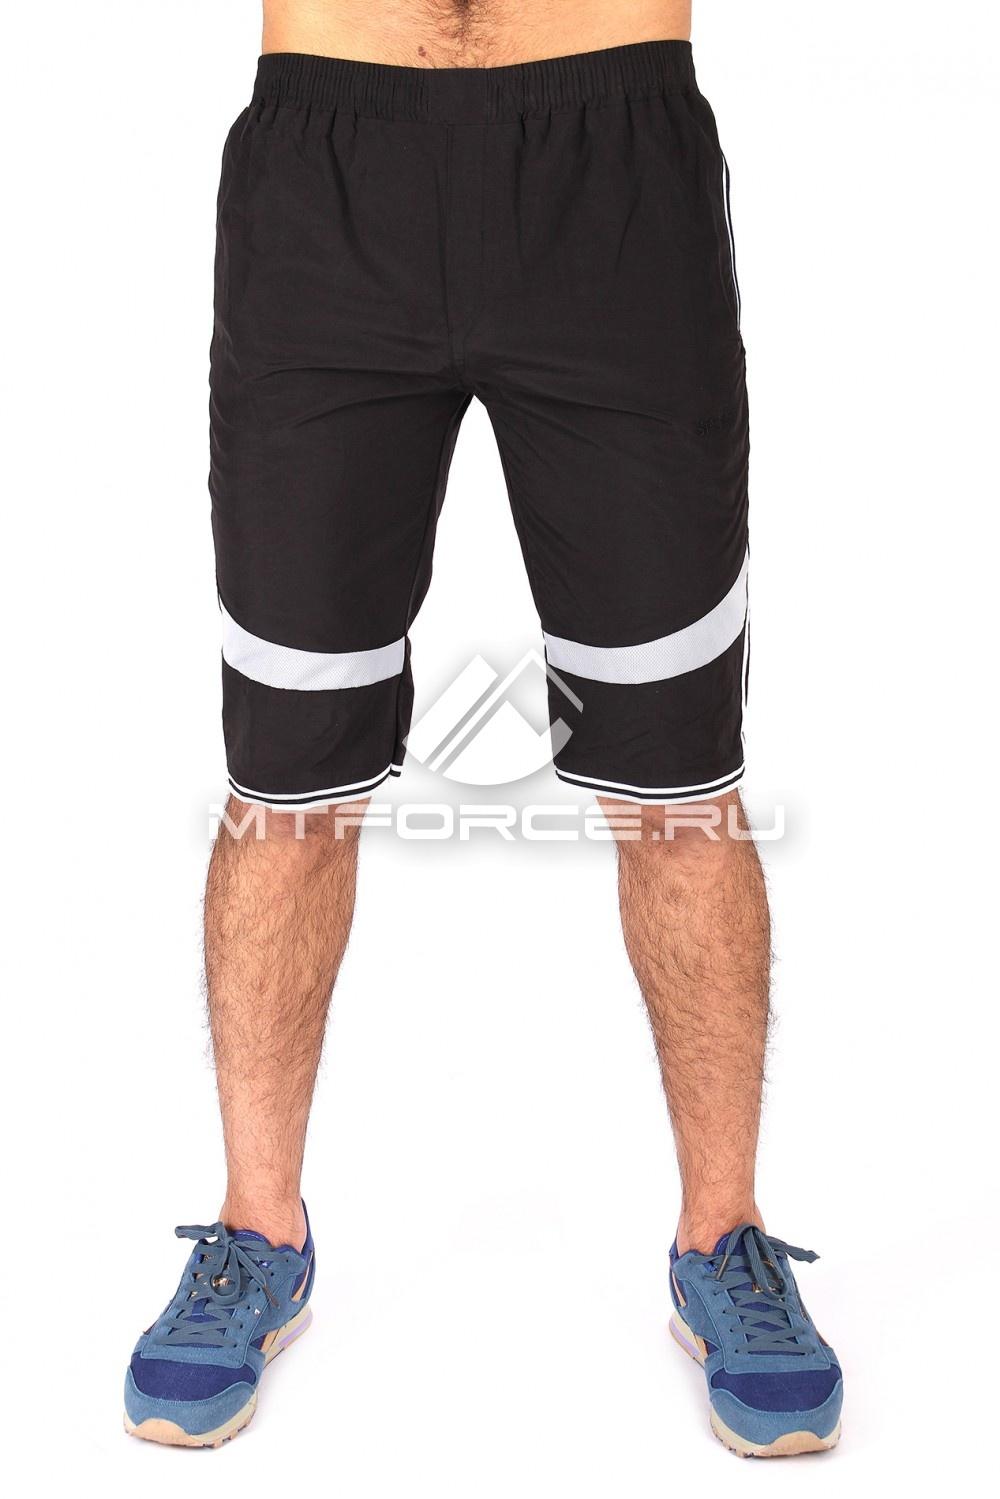 Купить  оптом Спортивные шорты черного цвета 717Ch в Санкт-Петербурге